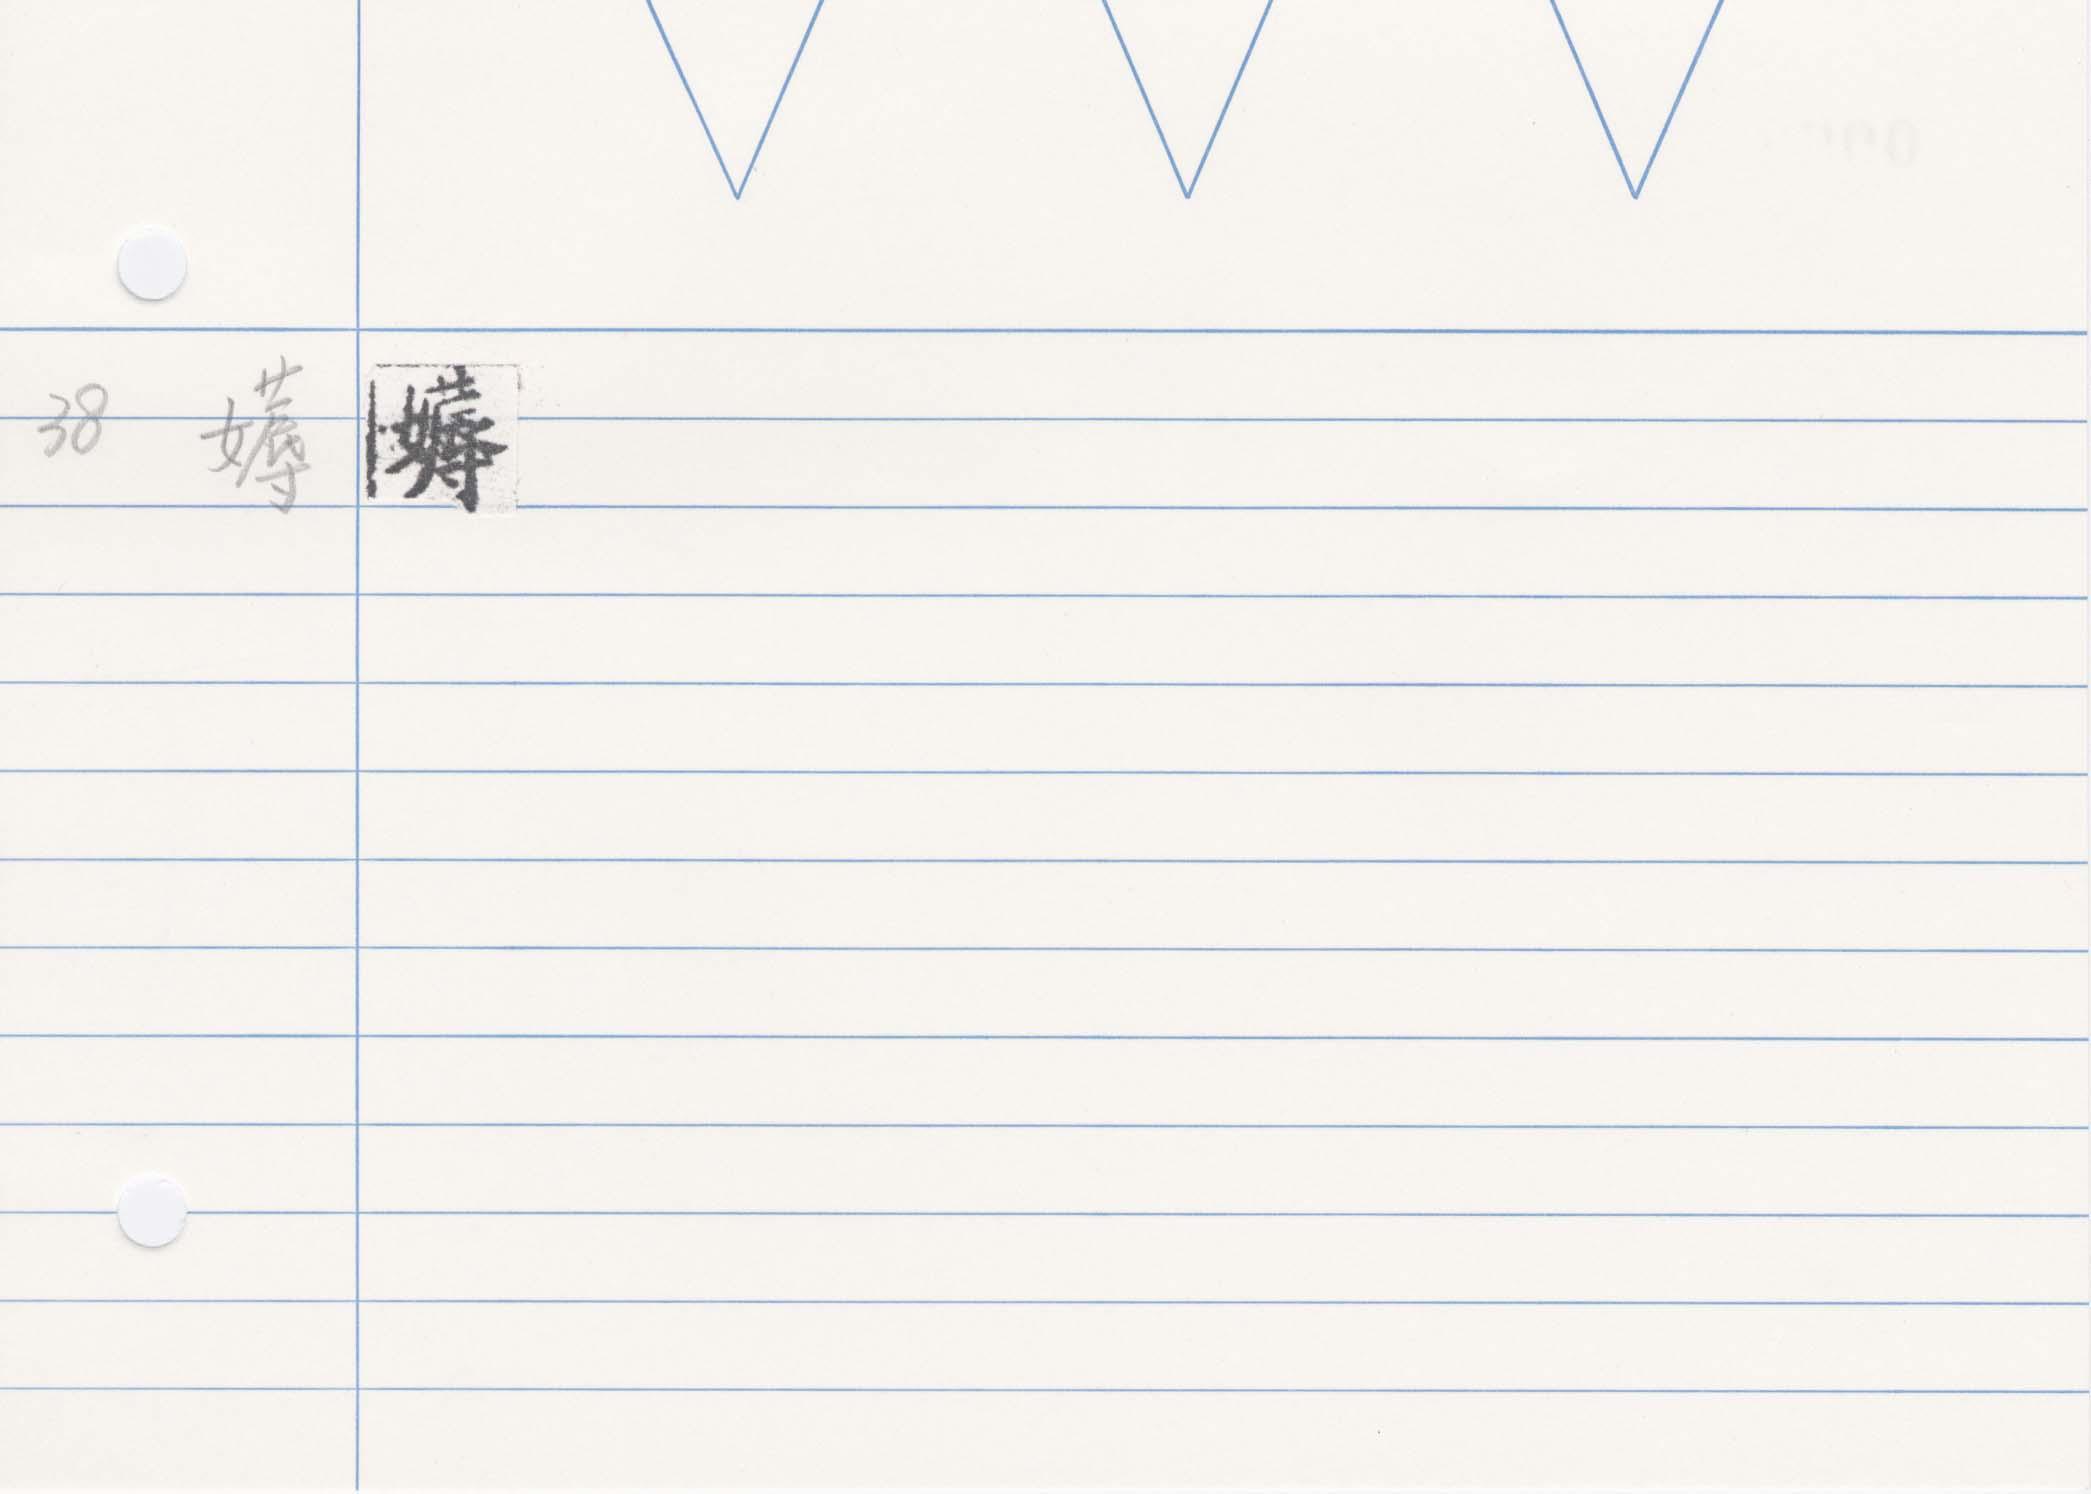 26_齊民要術卷五(高山寺本)/cards/0062.jpg